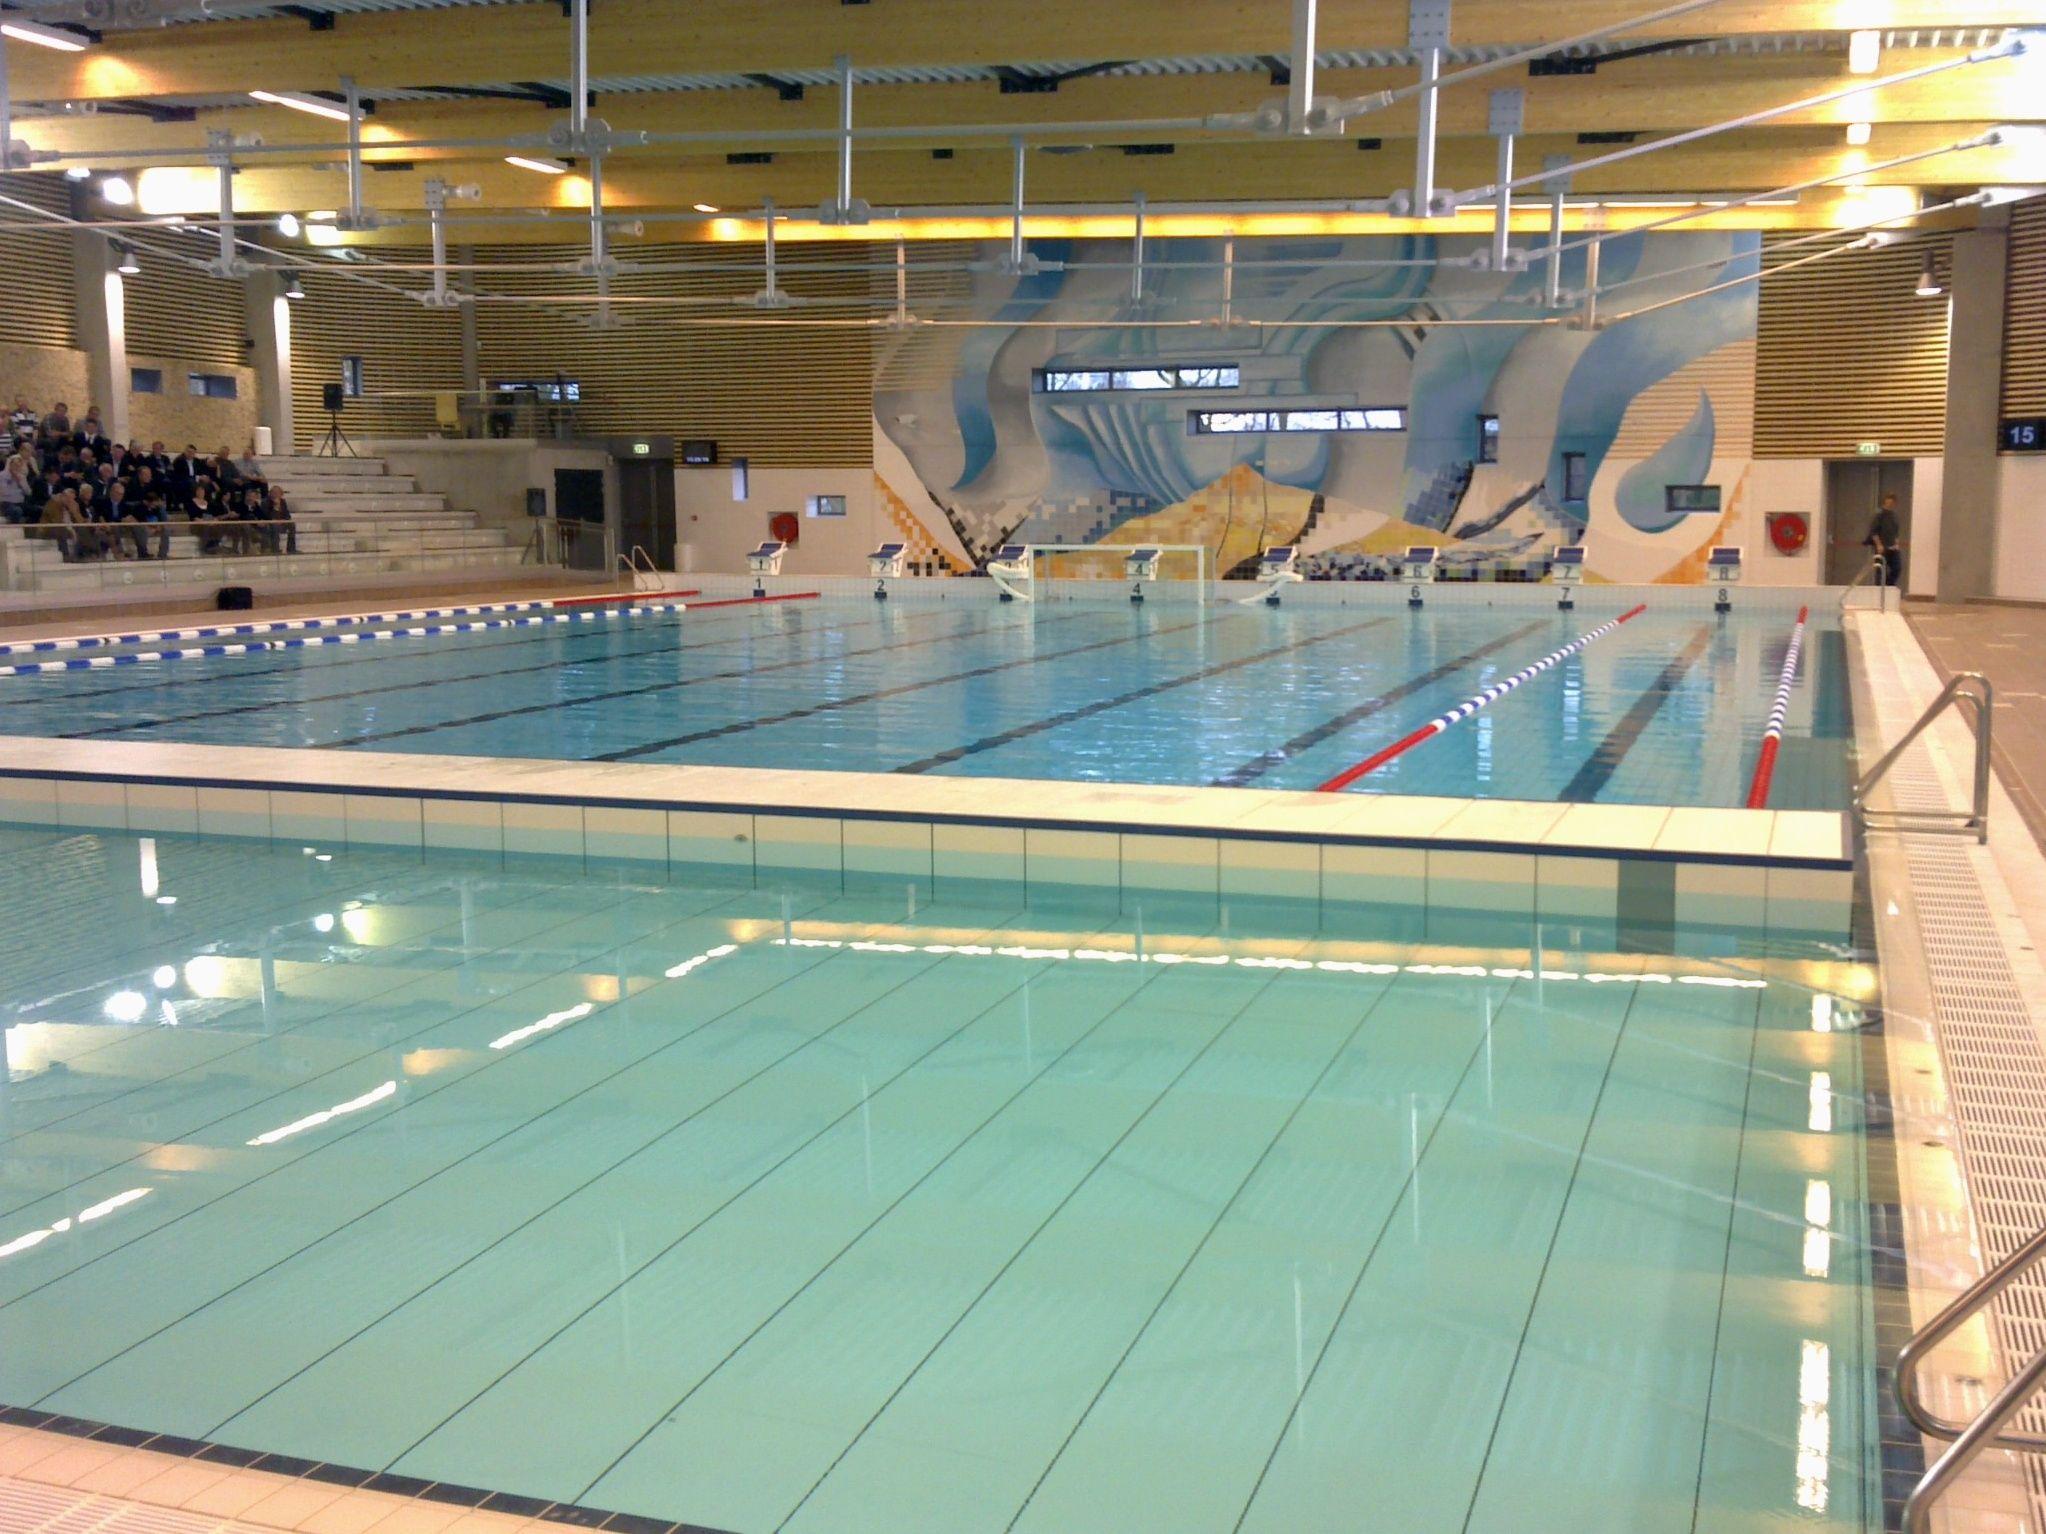 zwembad waar we heen gaan met trainingskamp